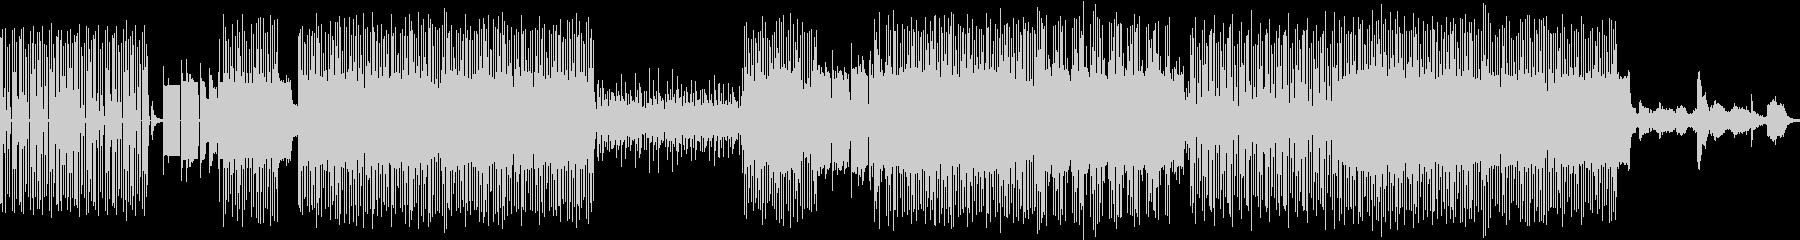 エレクトロ センチメンタル サスペ...の未再生の波形